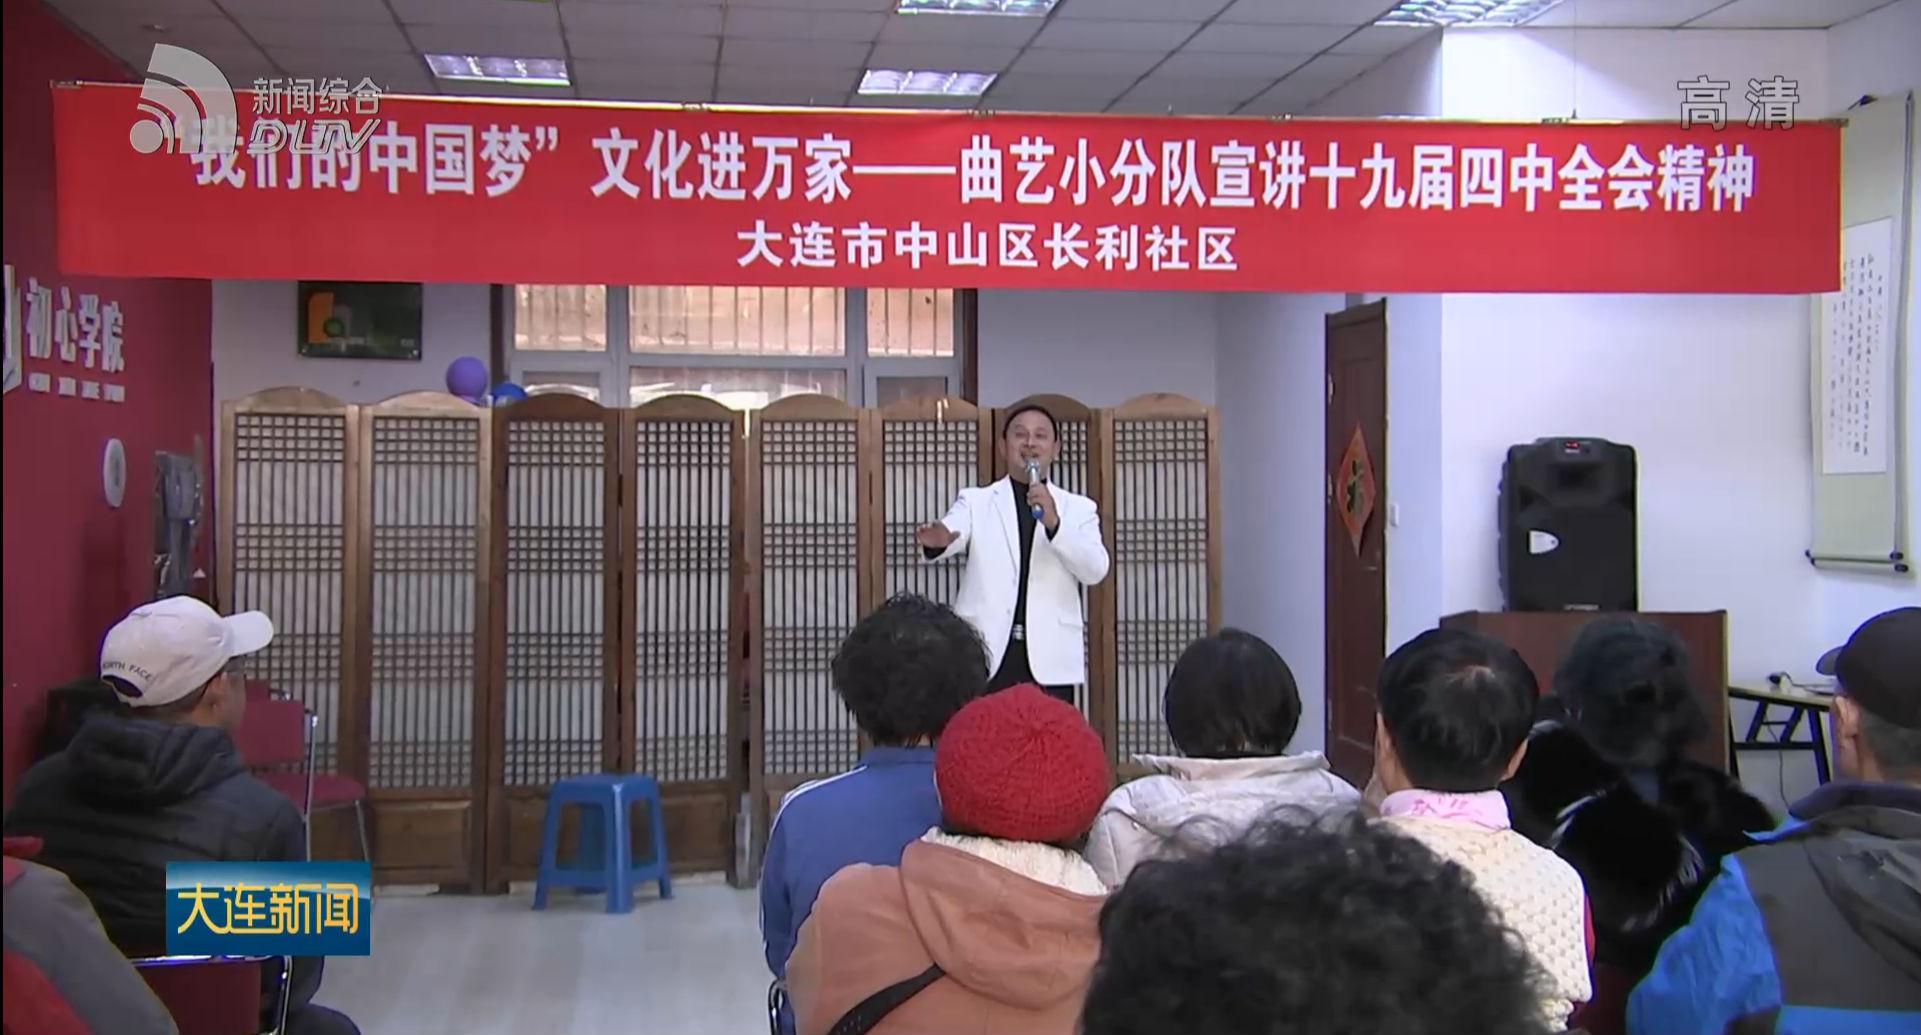 曲艺小分队宣讲十九届四中全会精神演出走进社区